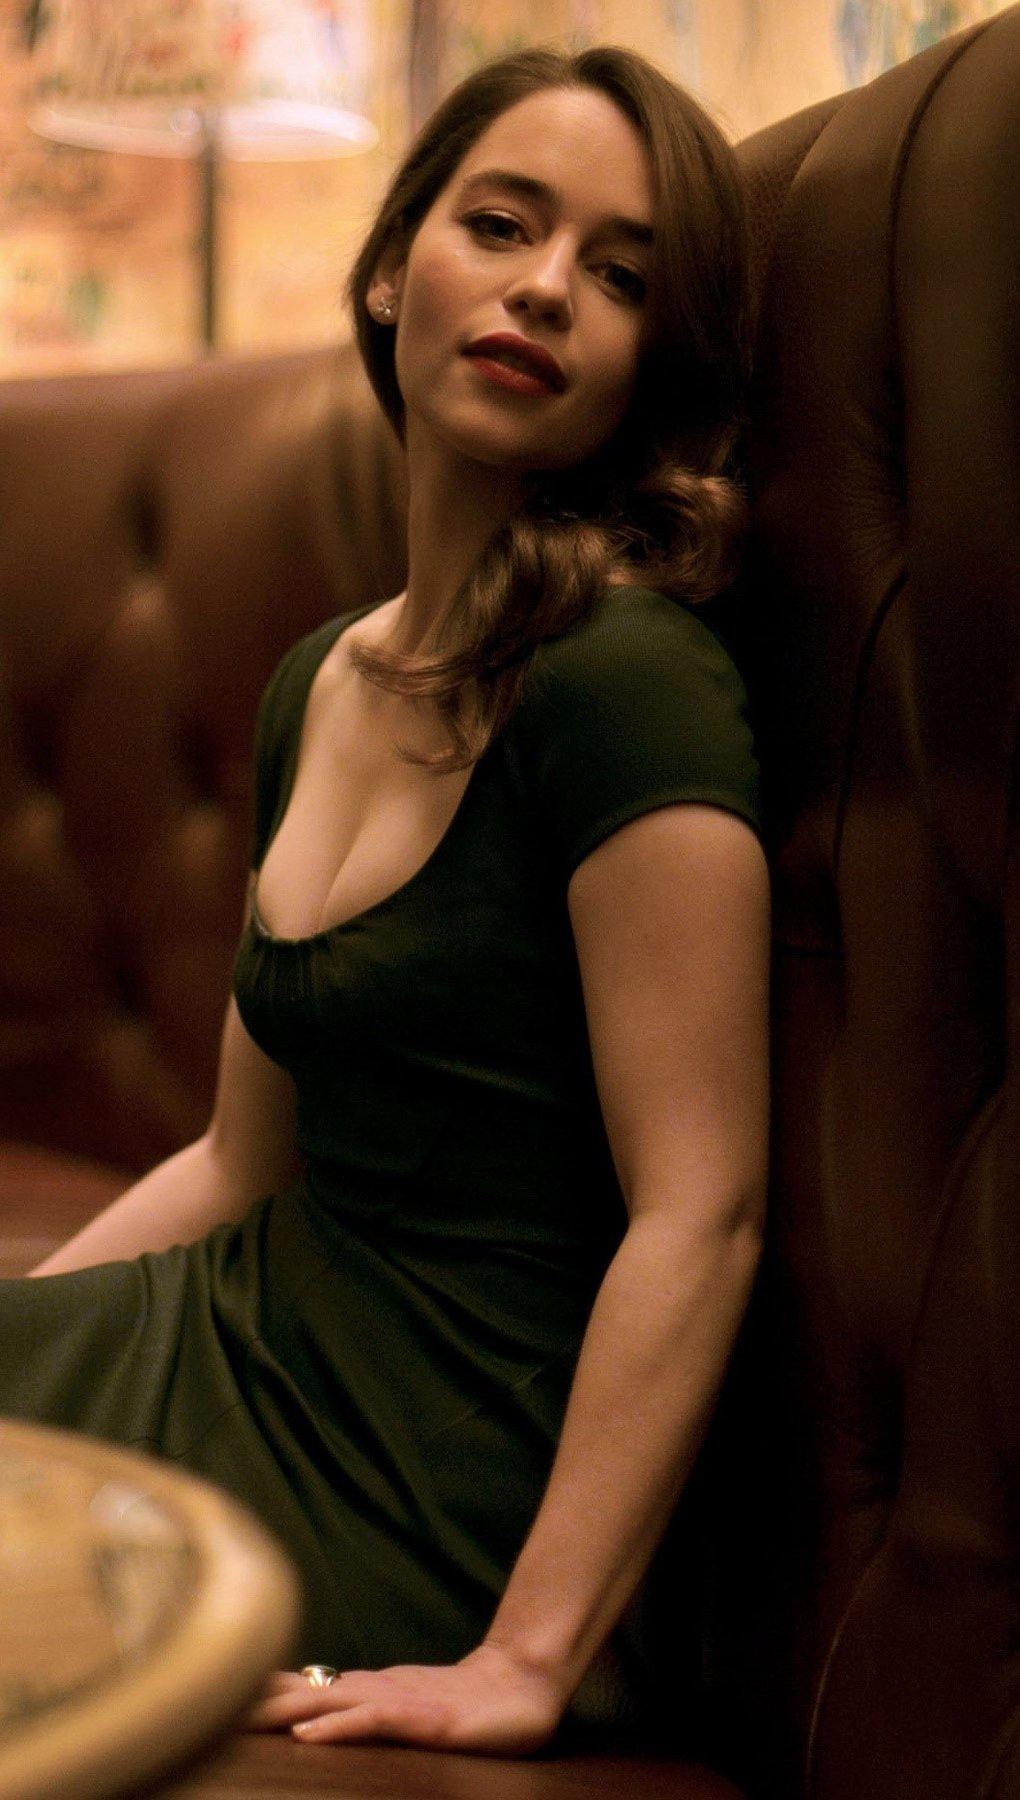 Fondos de pantalla Emilia Clarke 2014 Vertical